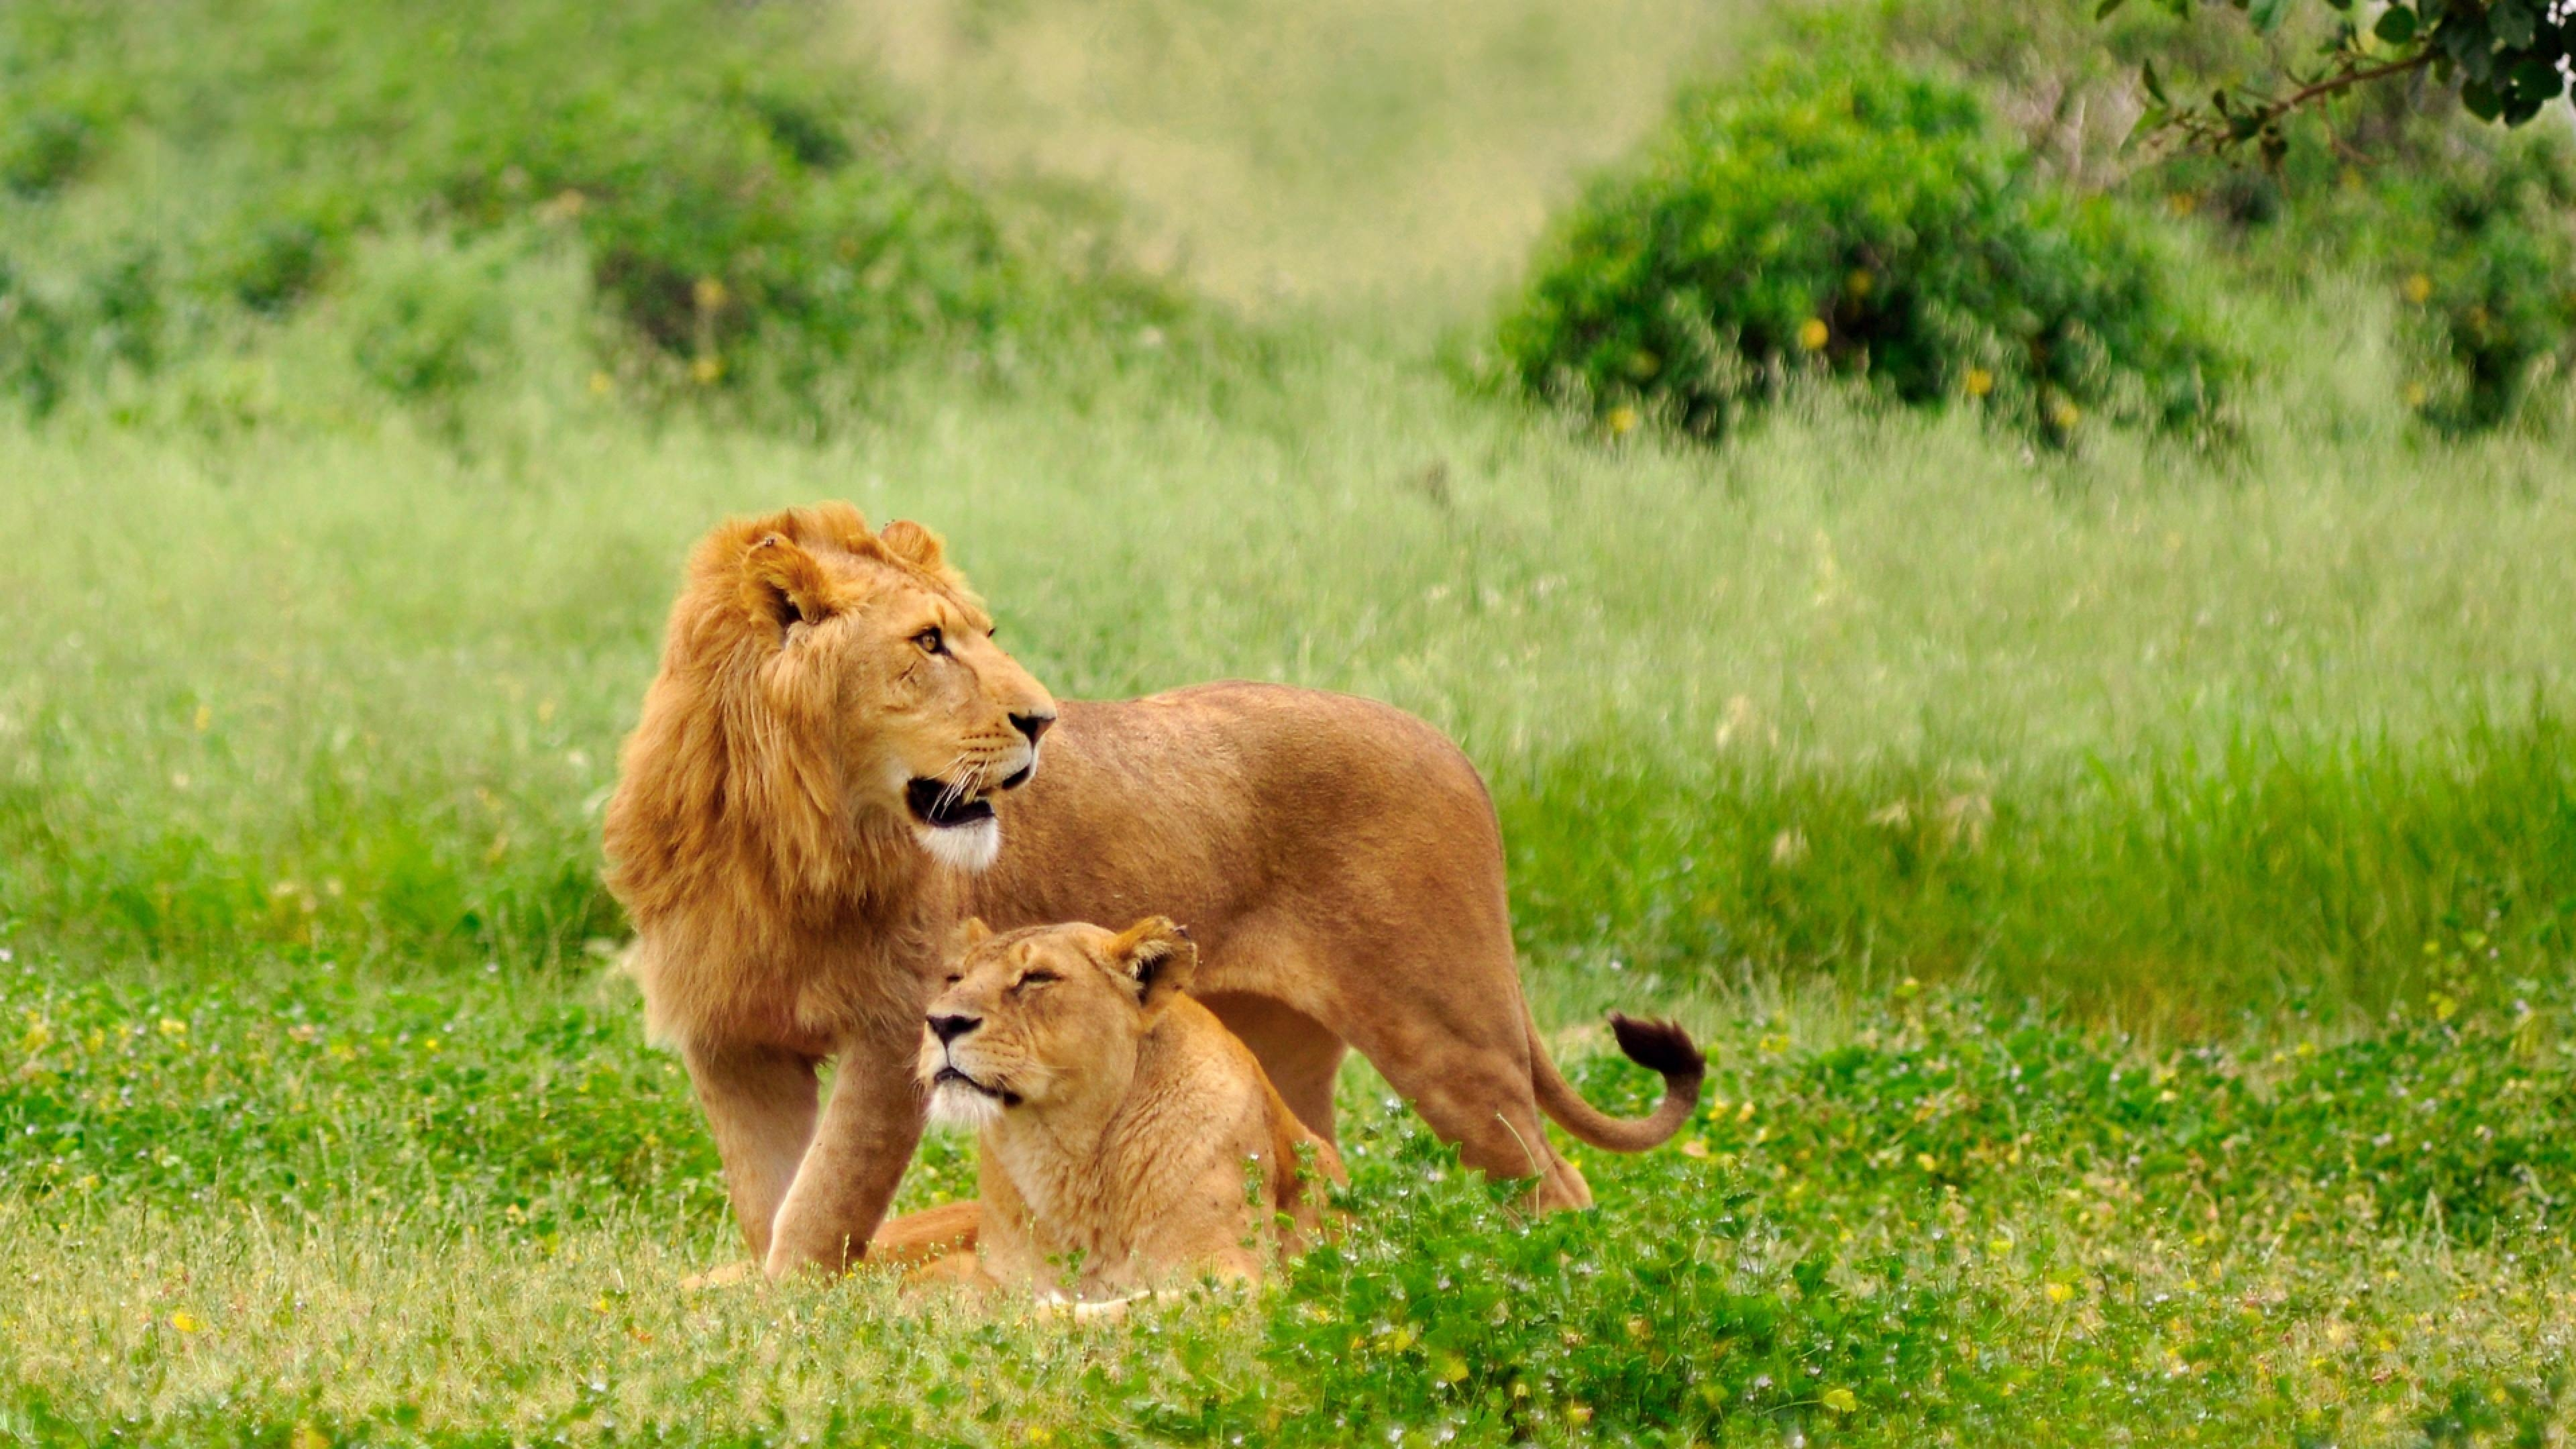 Couple Lions Wallpaper